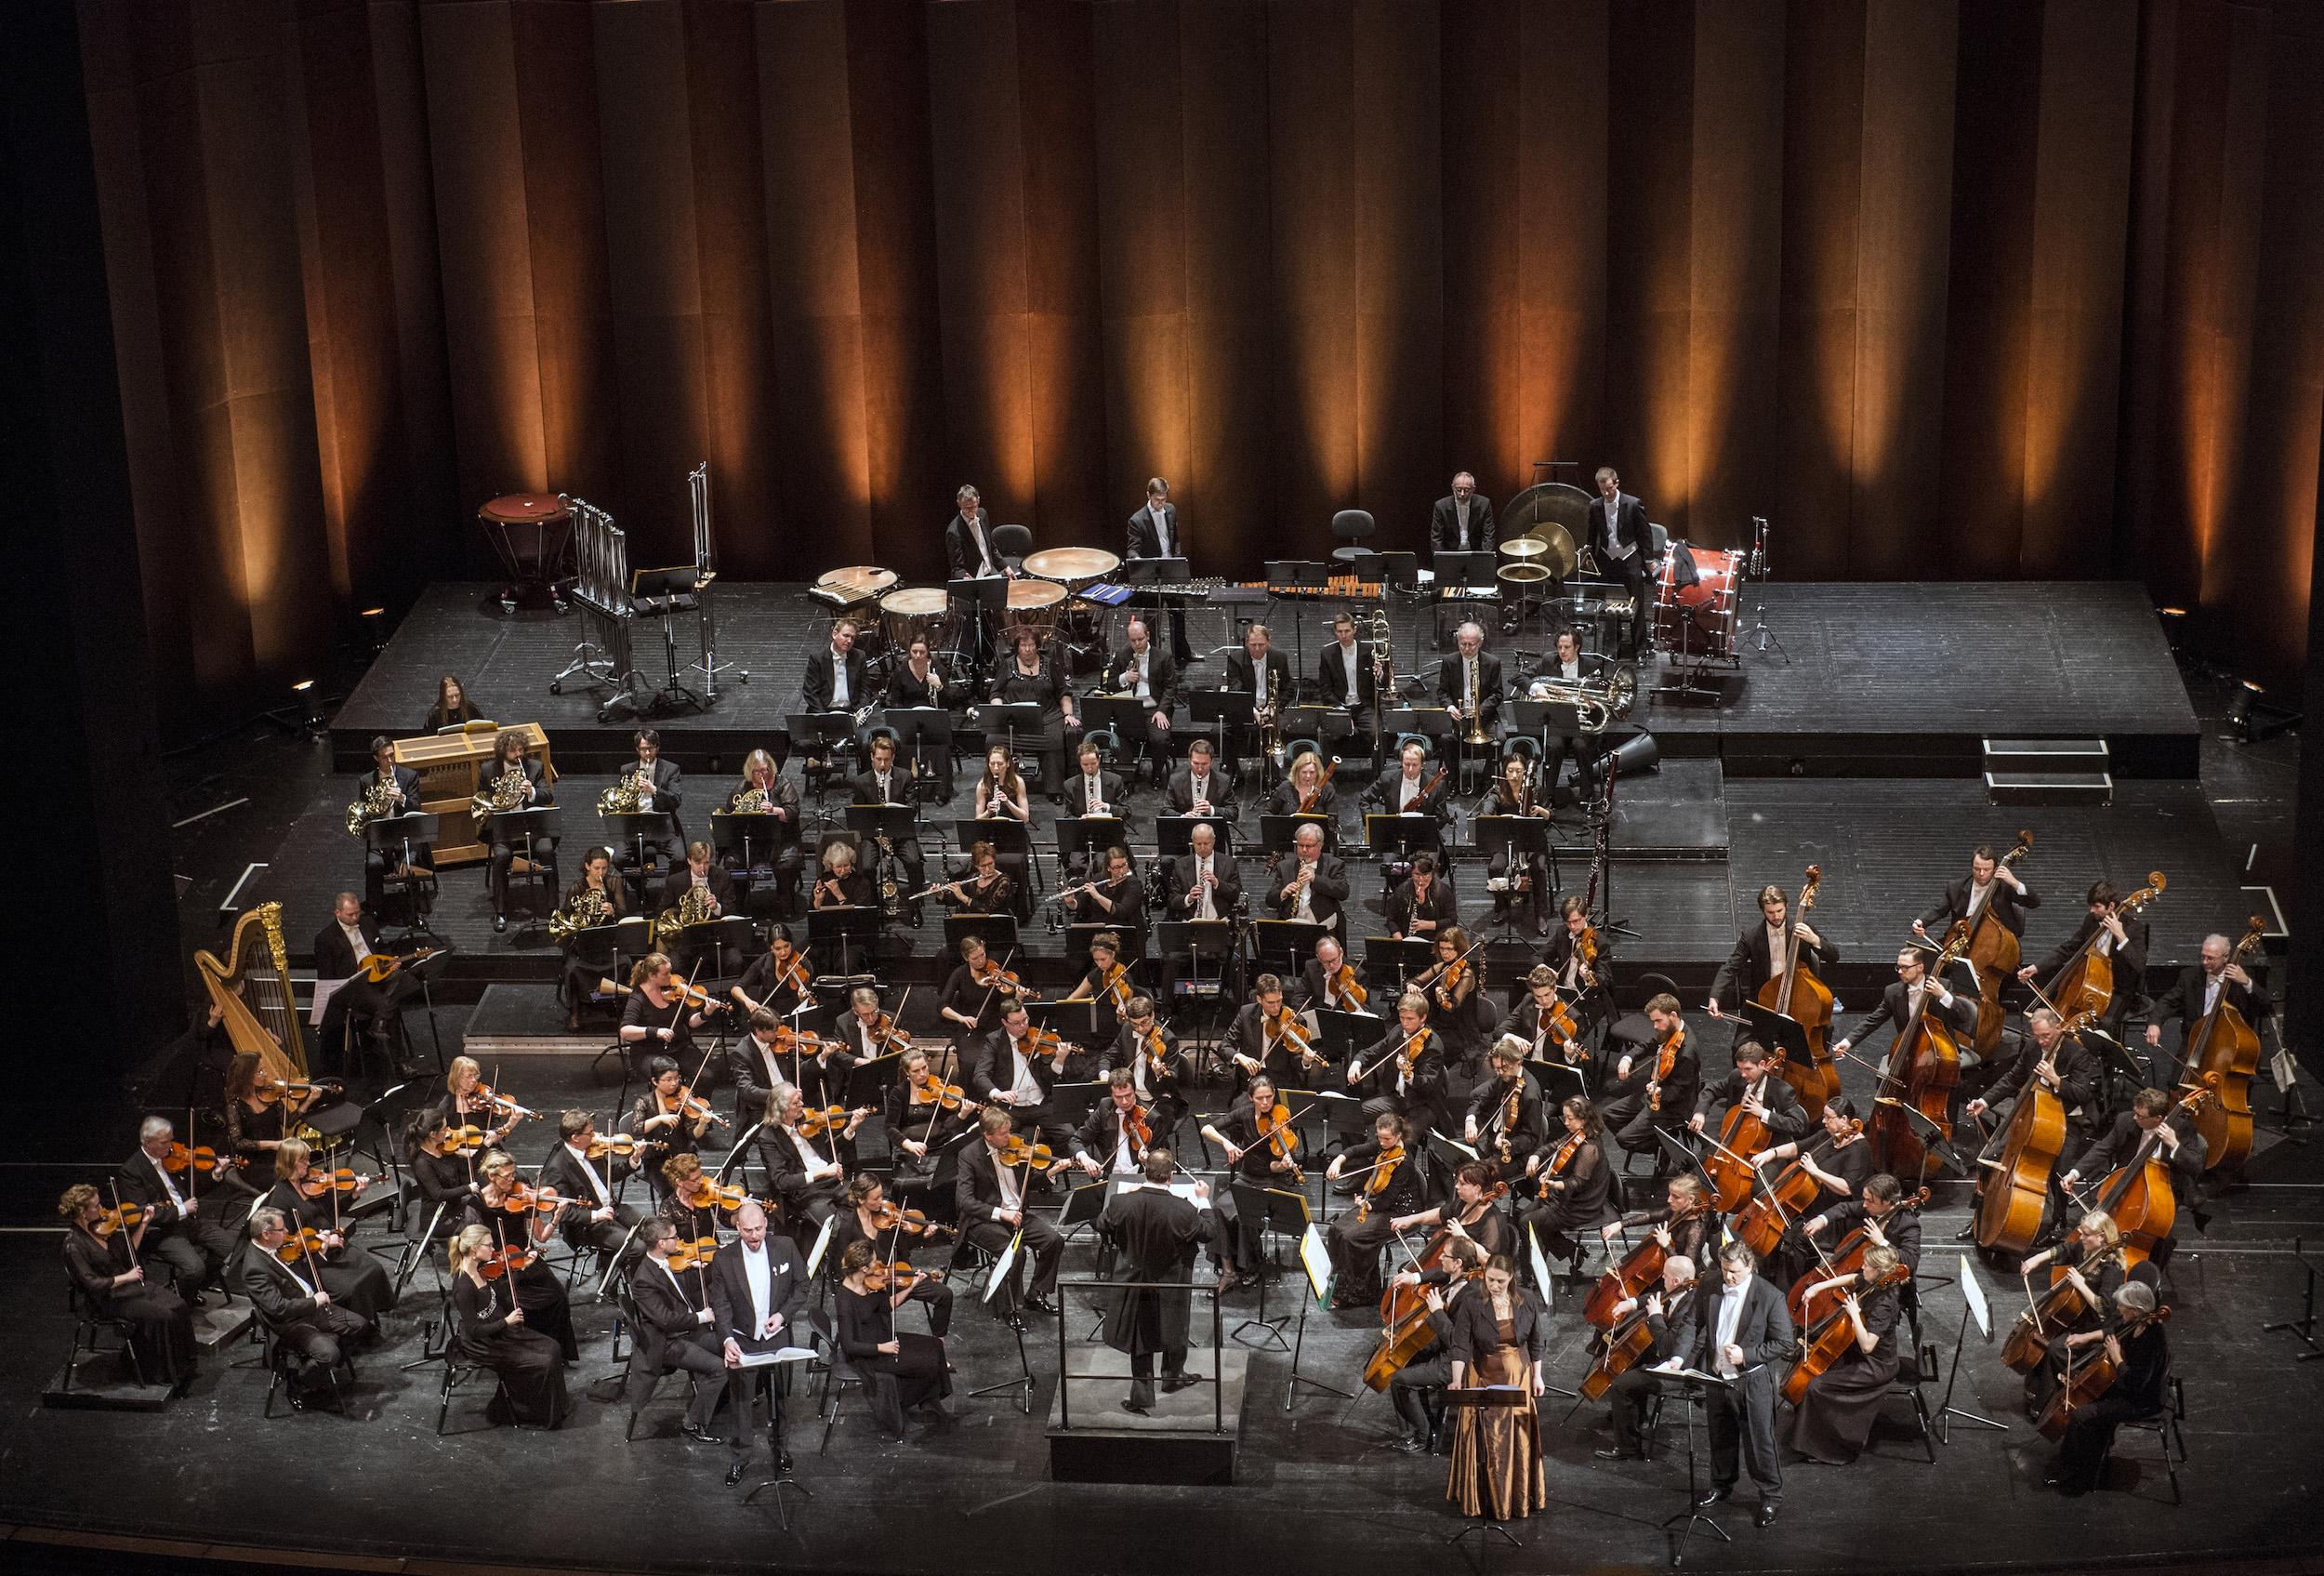 Oslo Opera House orchestra - Erik Berg